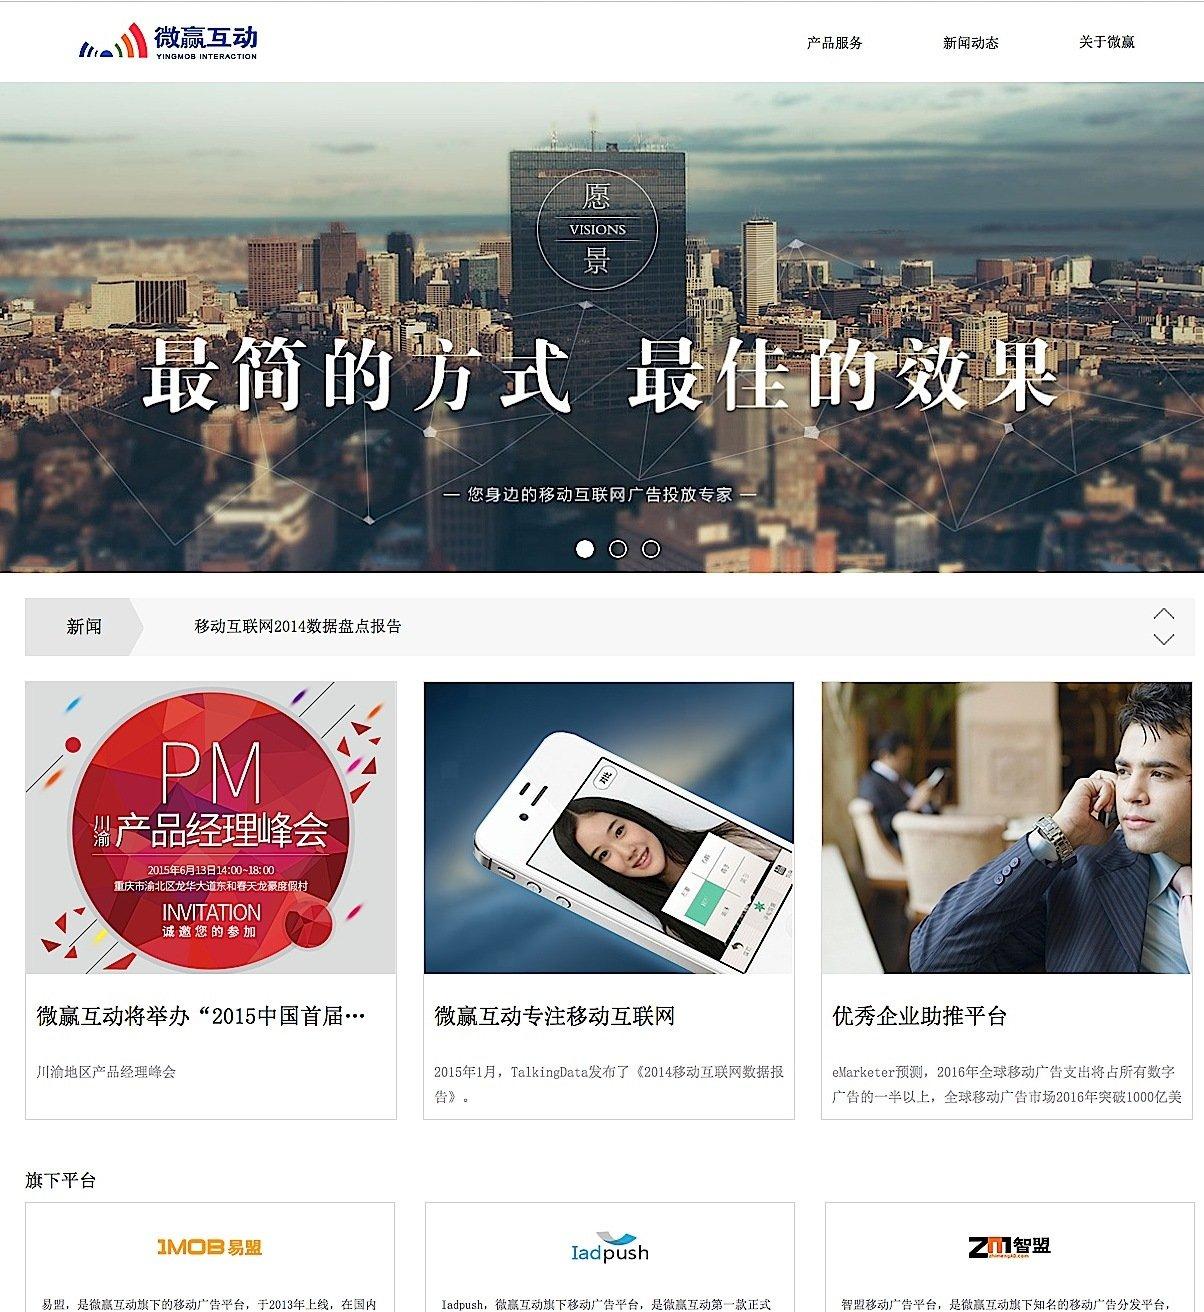 Hinter der Malware soll das chinesische UnternehmenYingmob stecken: Hier ein Screenshot der Webseite. Das Unternehmen verdienst sein Geld mit Werbung. Deshalb sind besonders viele Android-Smartphones in Asien von HummingBad betroffen.